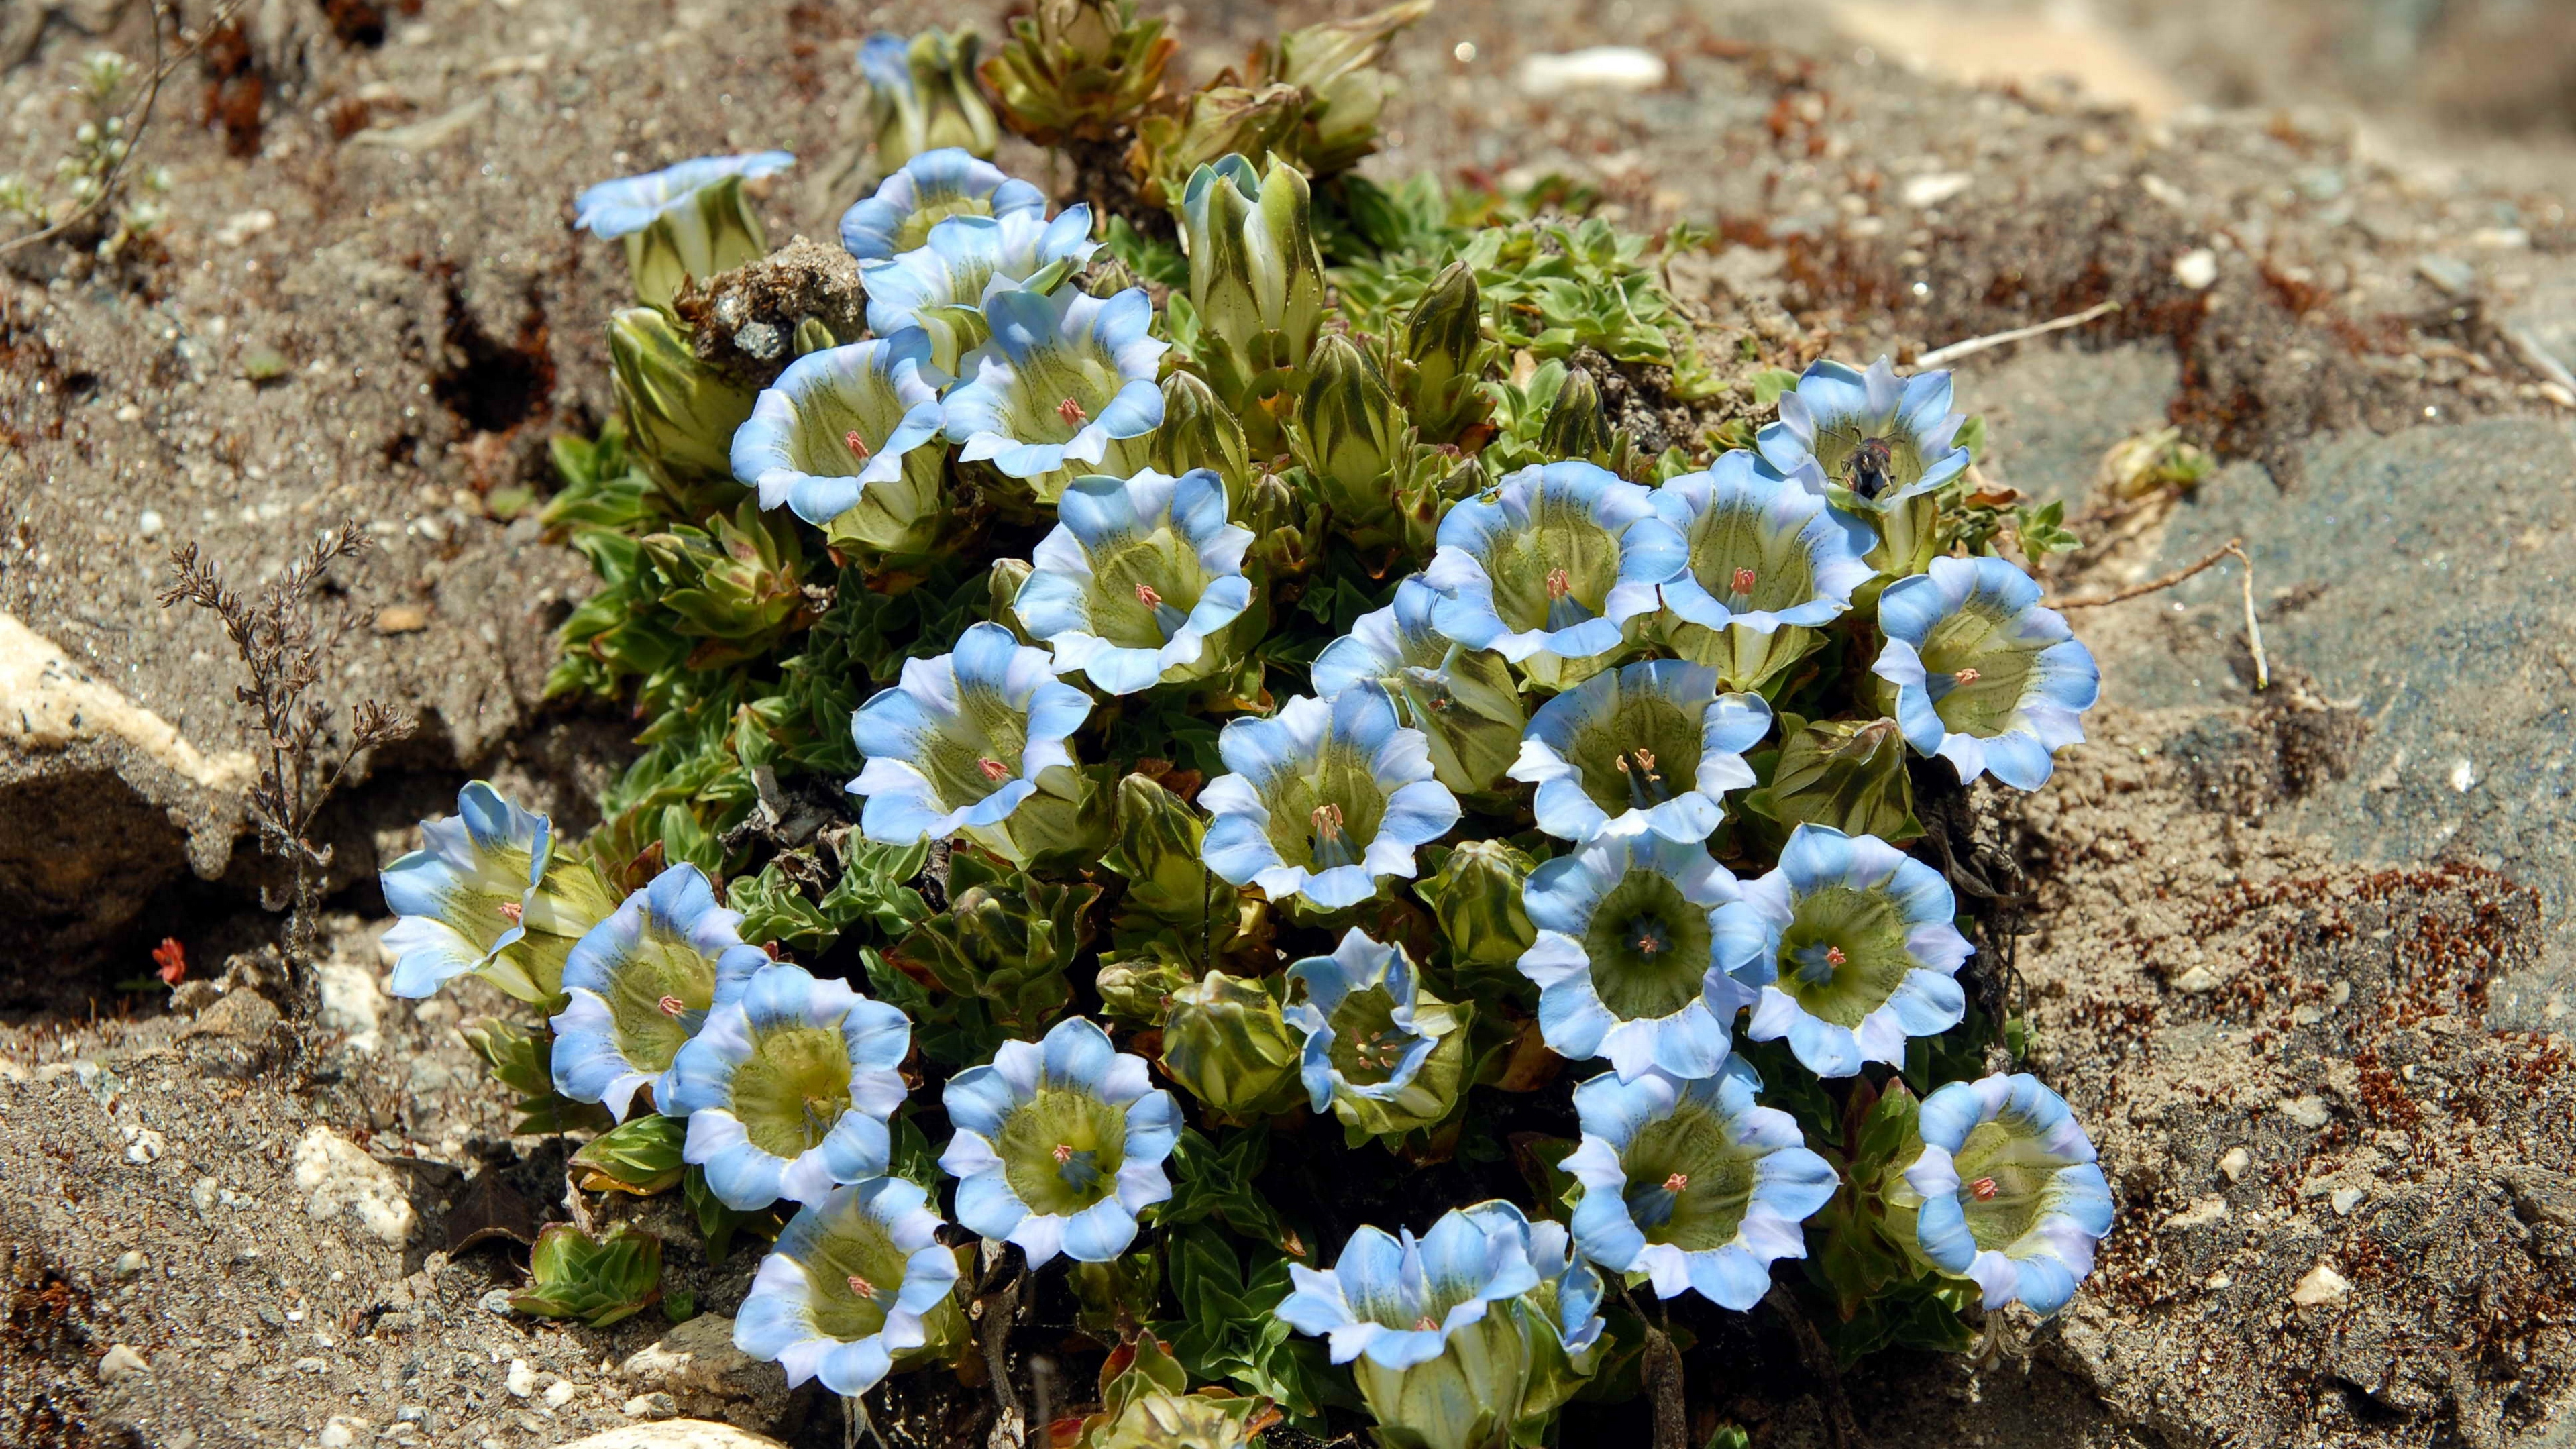 flowers blue stones close up 4k 1540064184 - flowers, blue, stones, close-up 4k - Stones, Flowers, blue